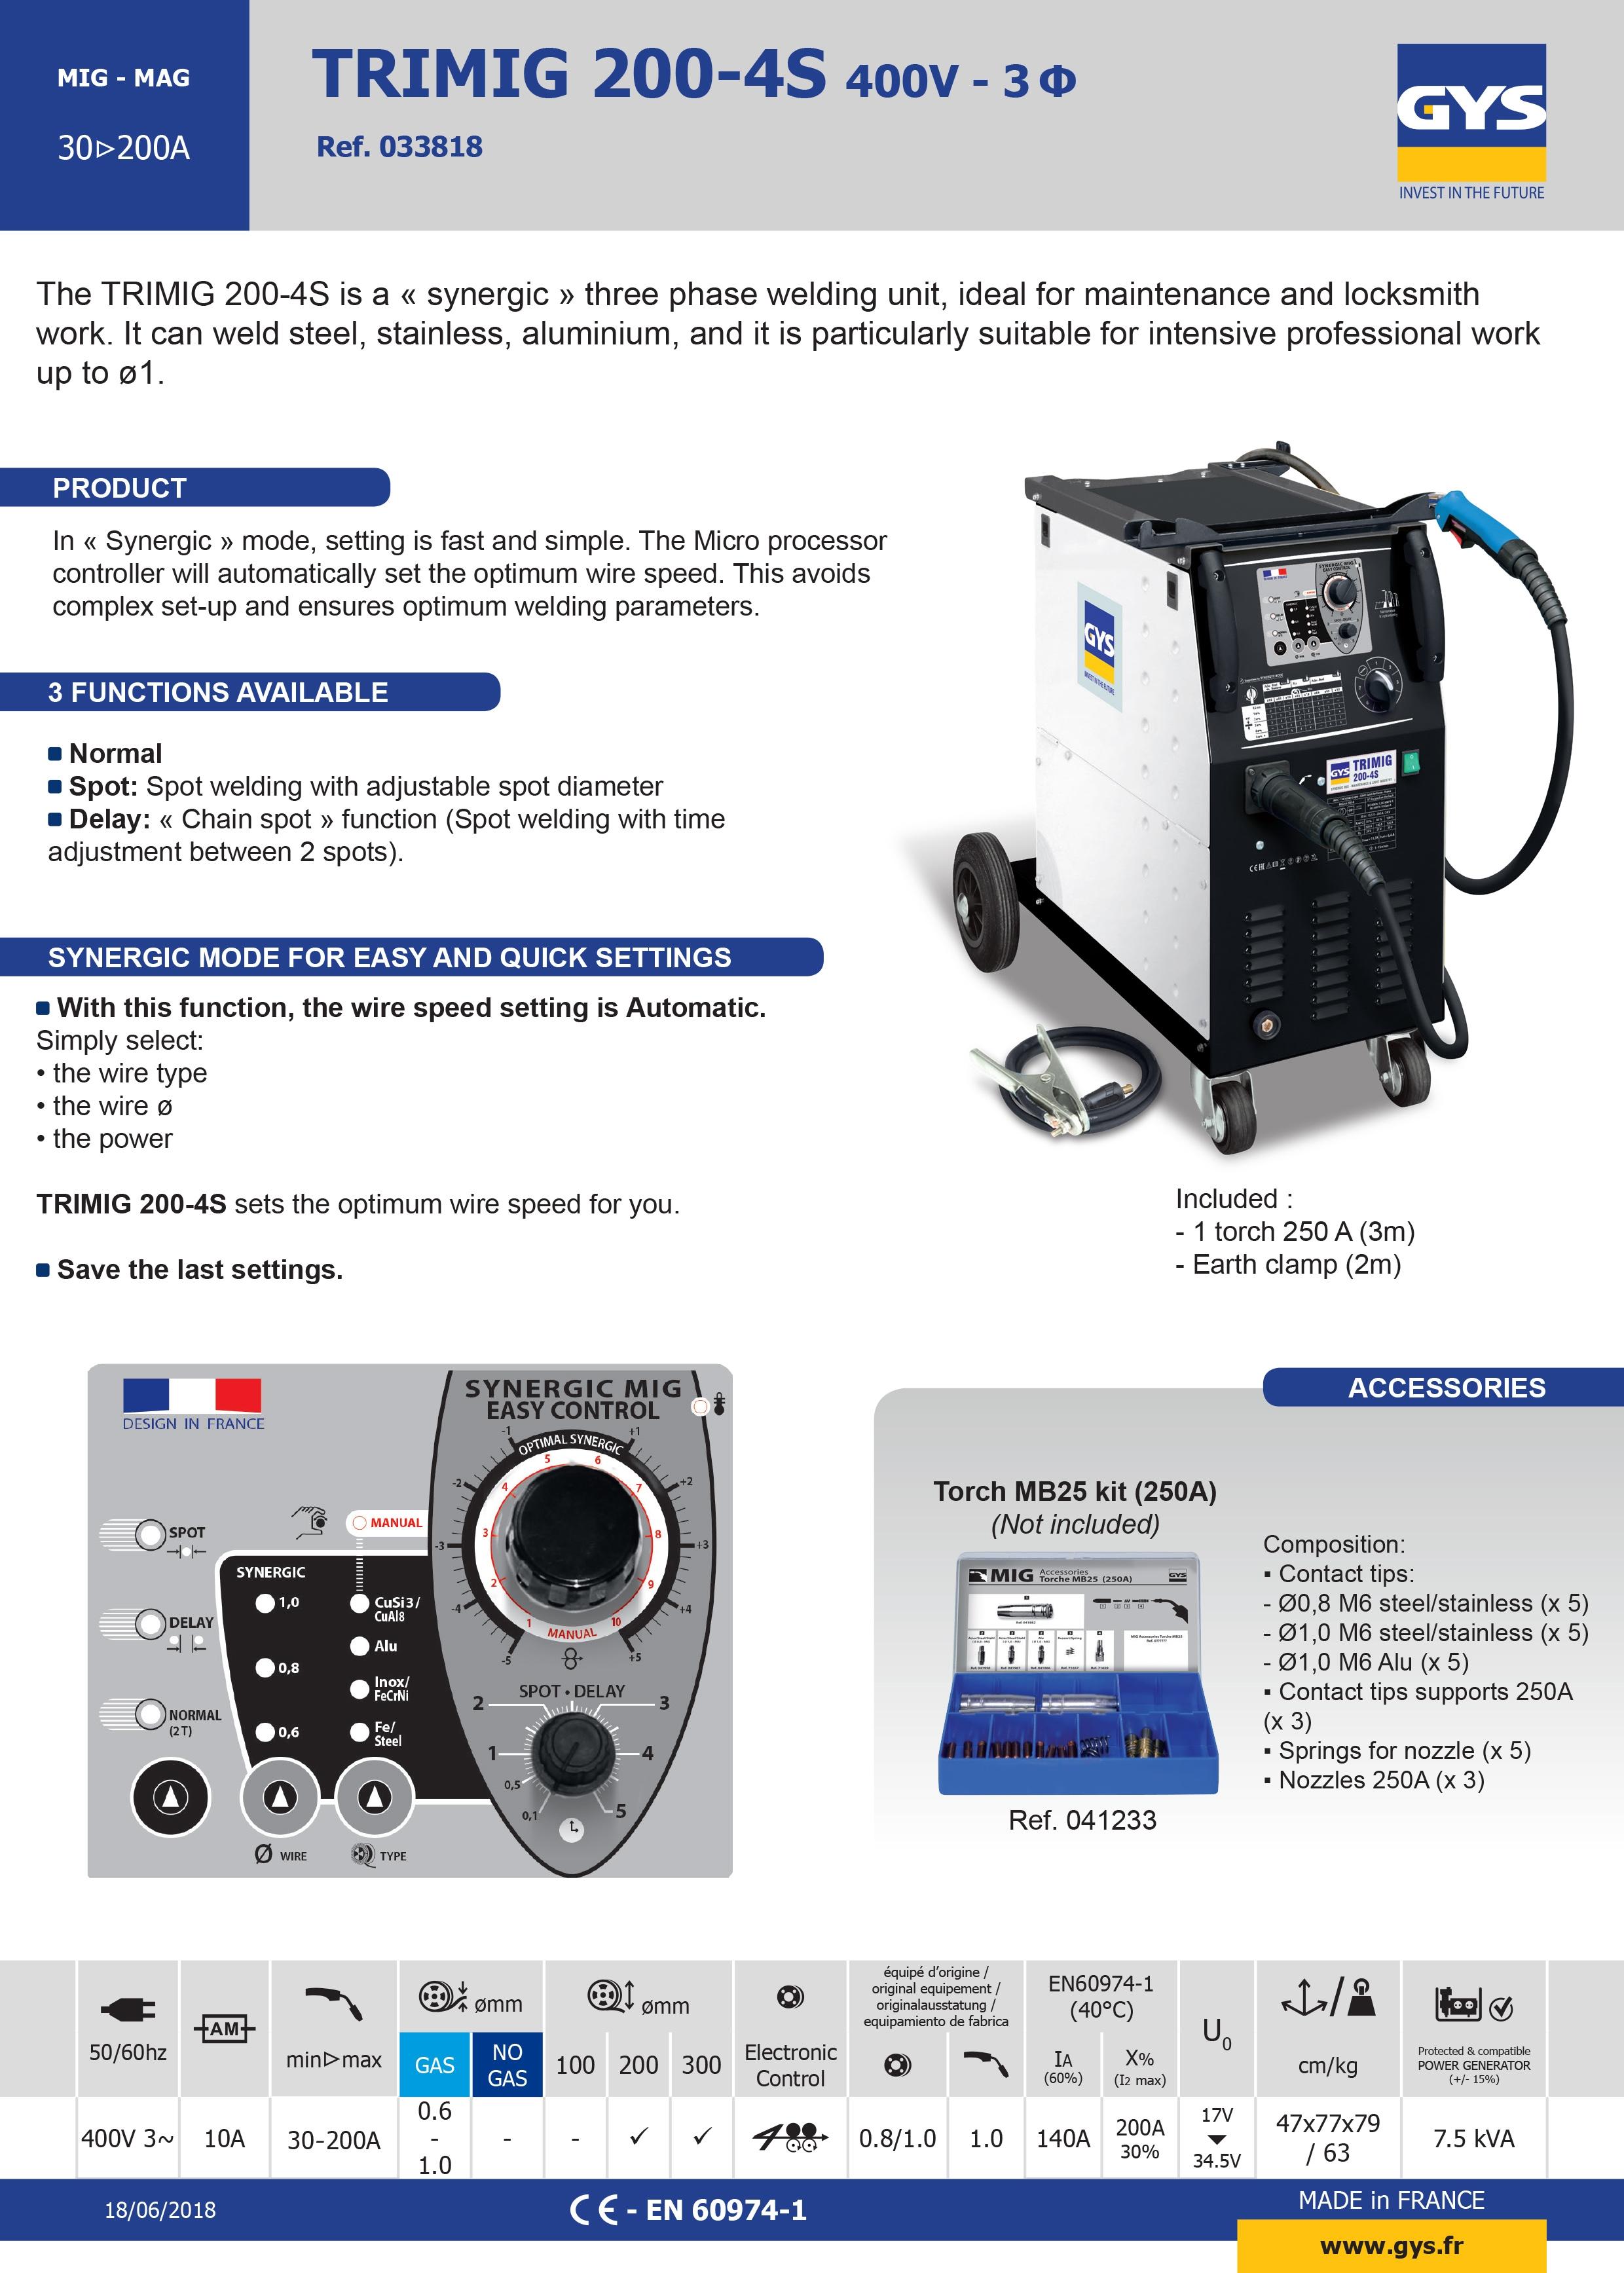 Trimig 200-4S Datasheet